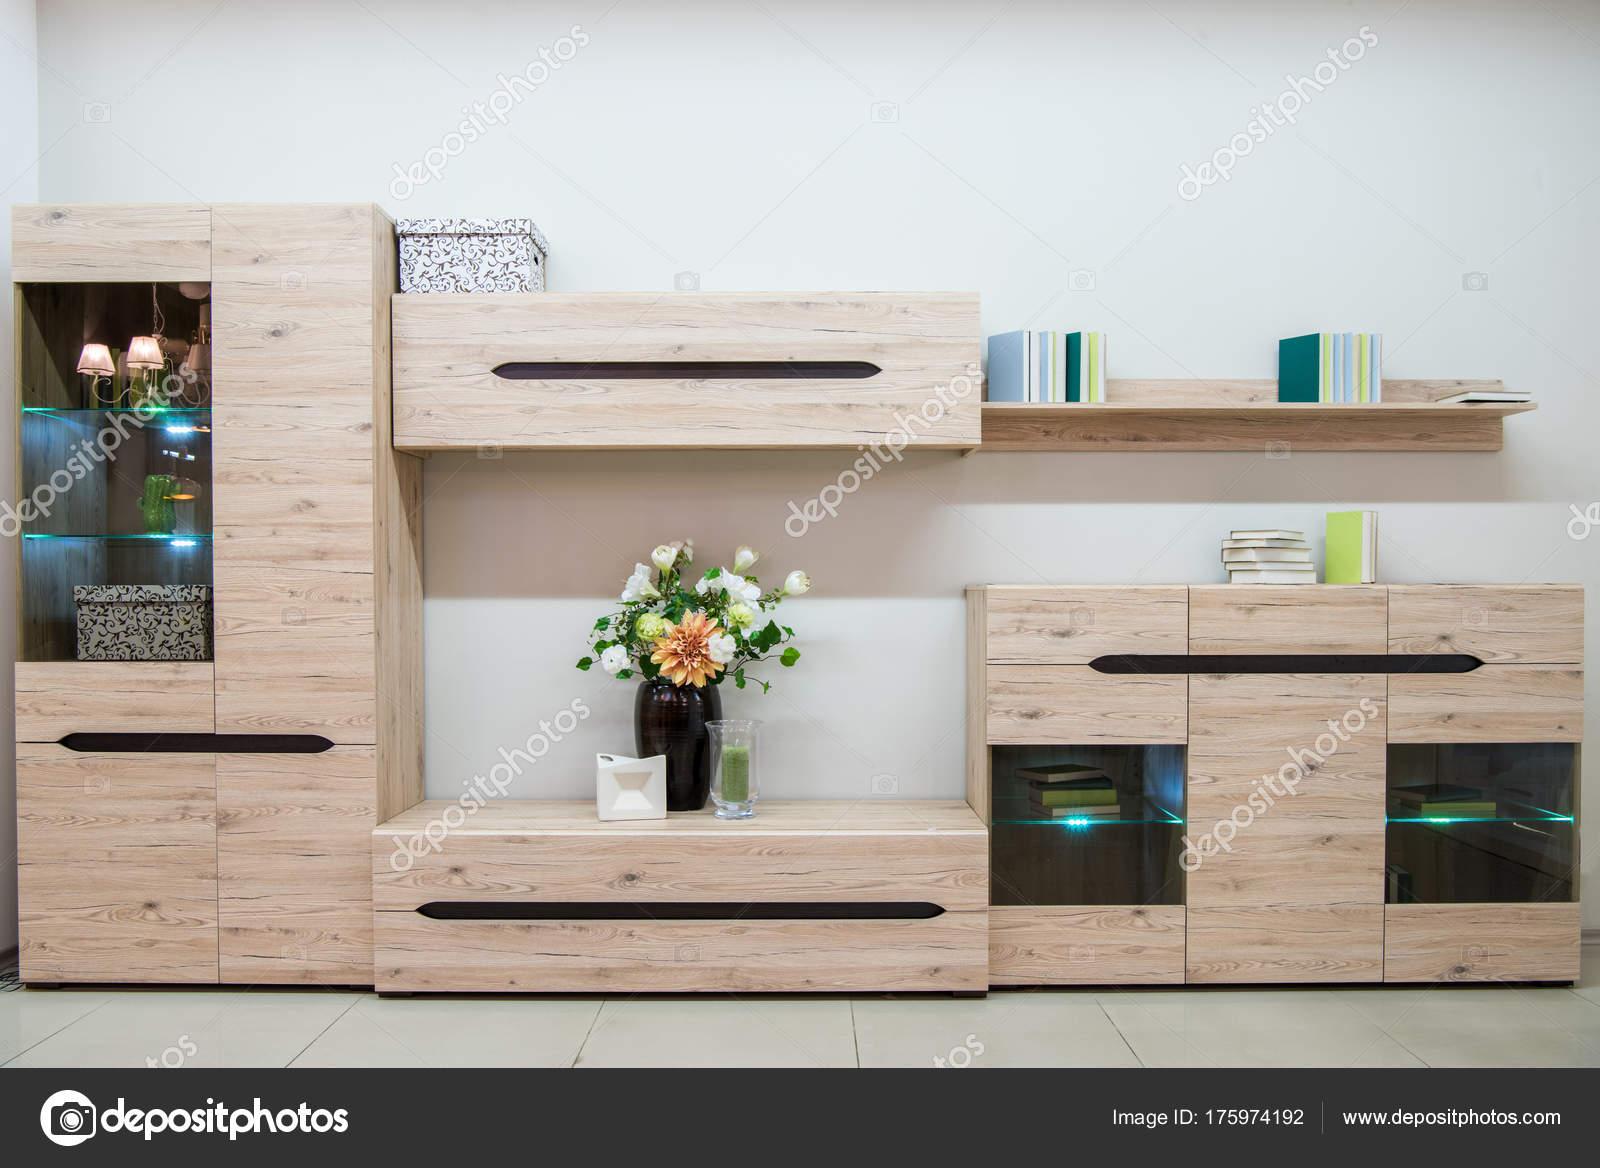 Moderne Woonkamer Interieur Met Kast Opbergruimte — Stockfoto ...